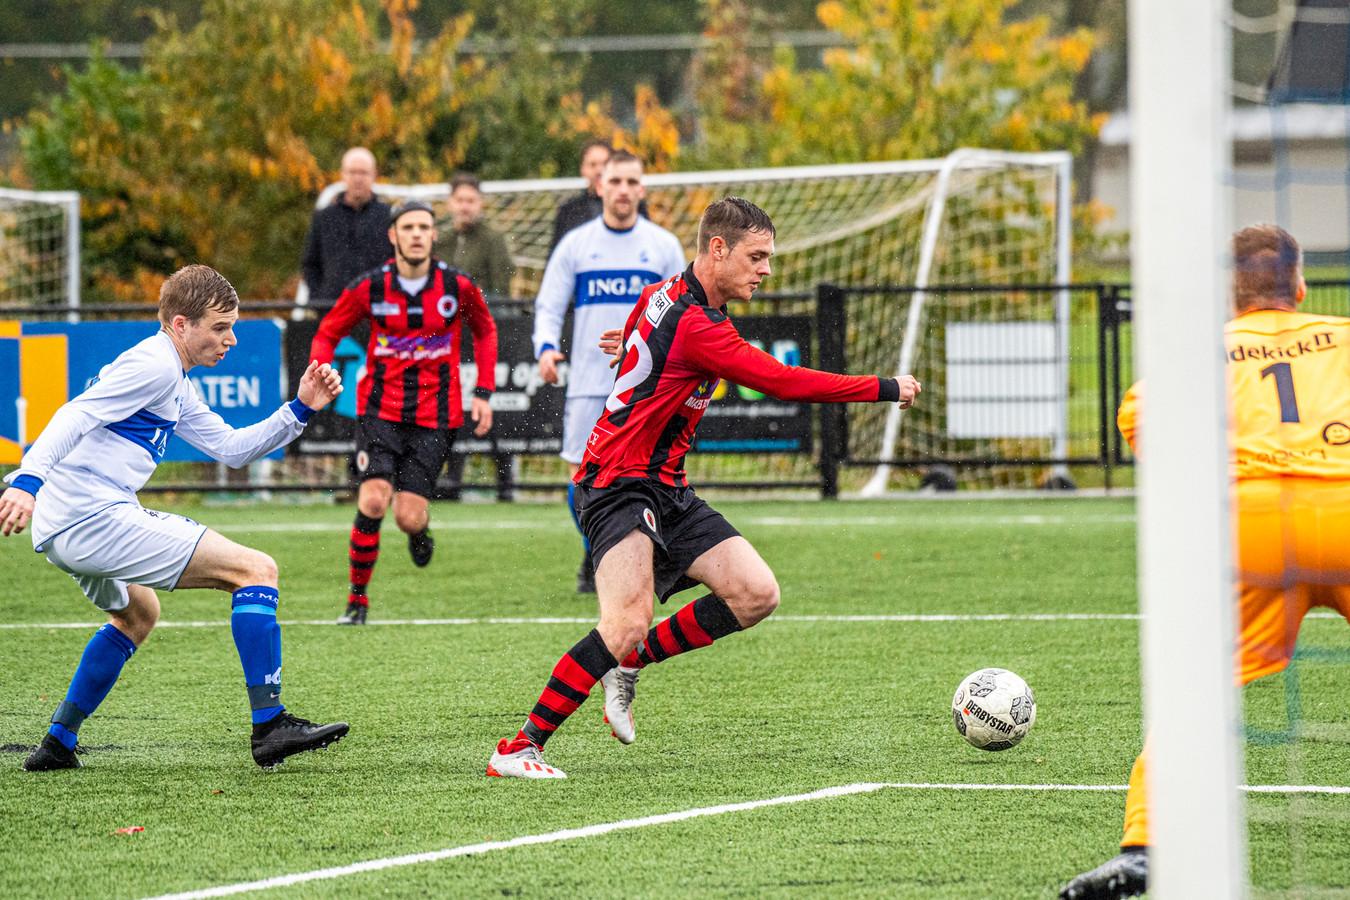 MOC'17 is een van de clubs die de afgelopen jaren besloten om van het zondagvoetbal naar de zaterdag over te stappen.